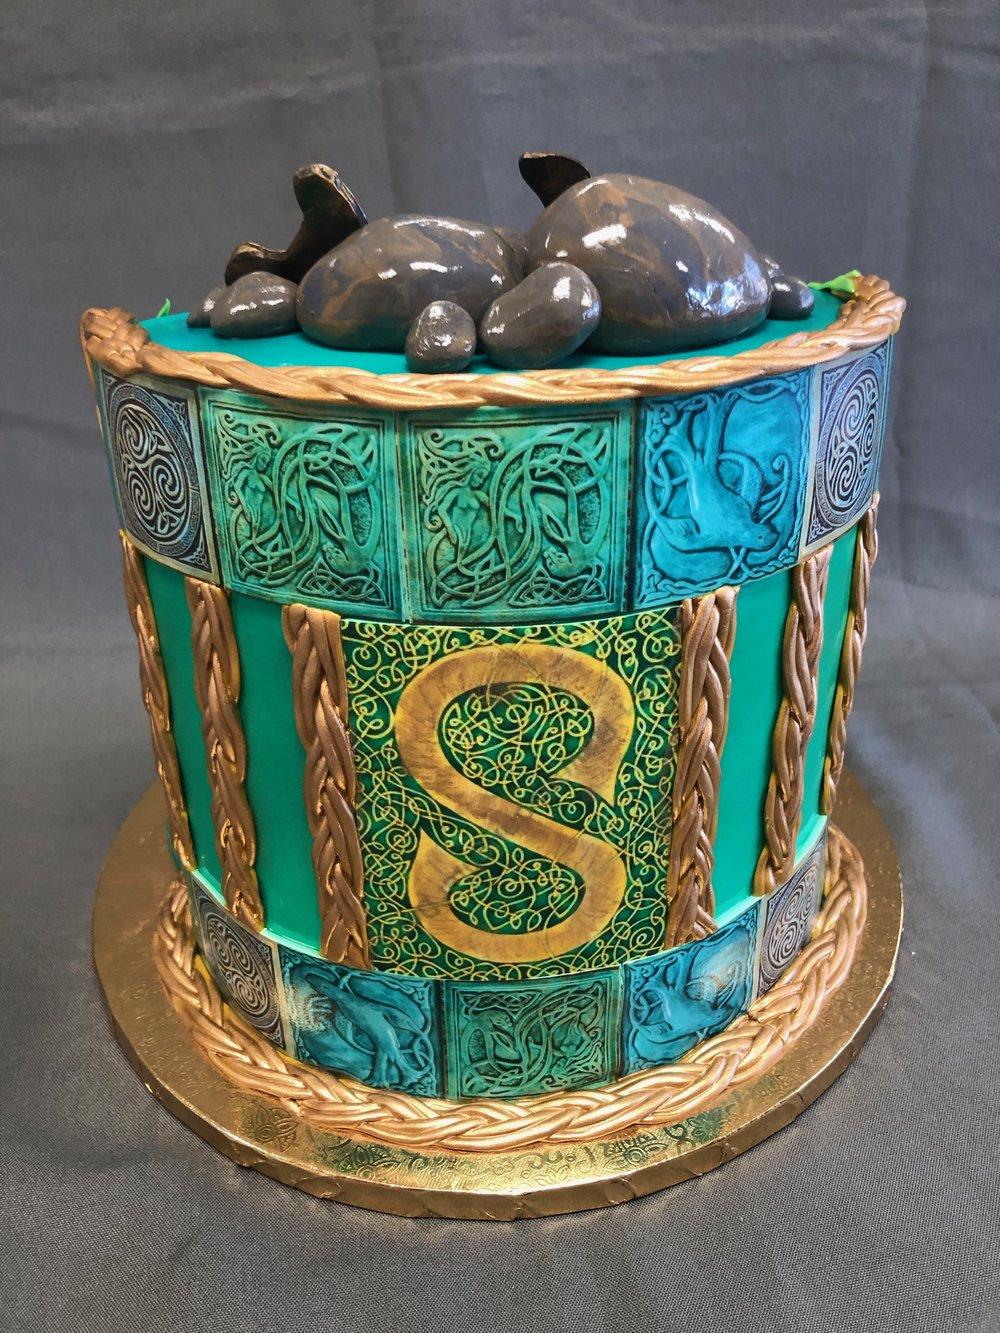 Irish Silkie Birthday Cake New Jersey